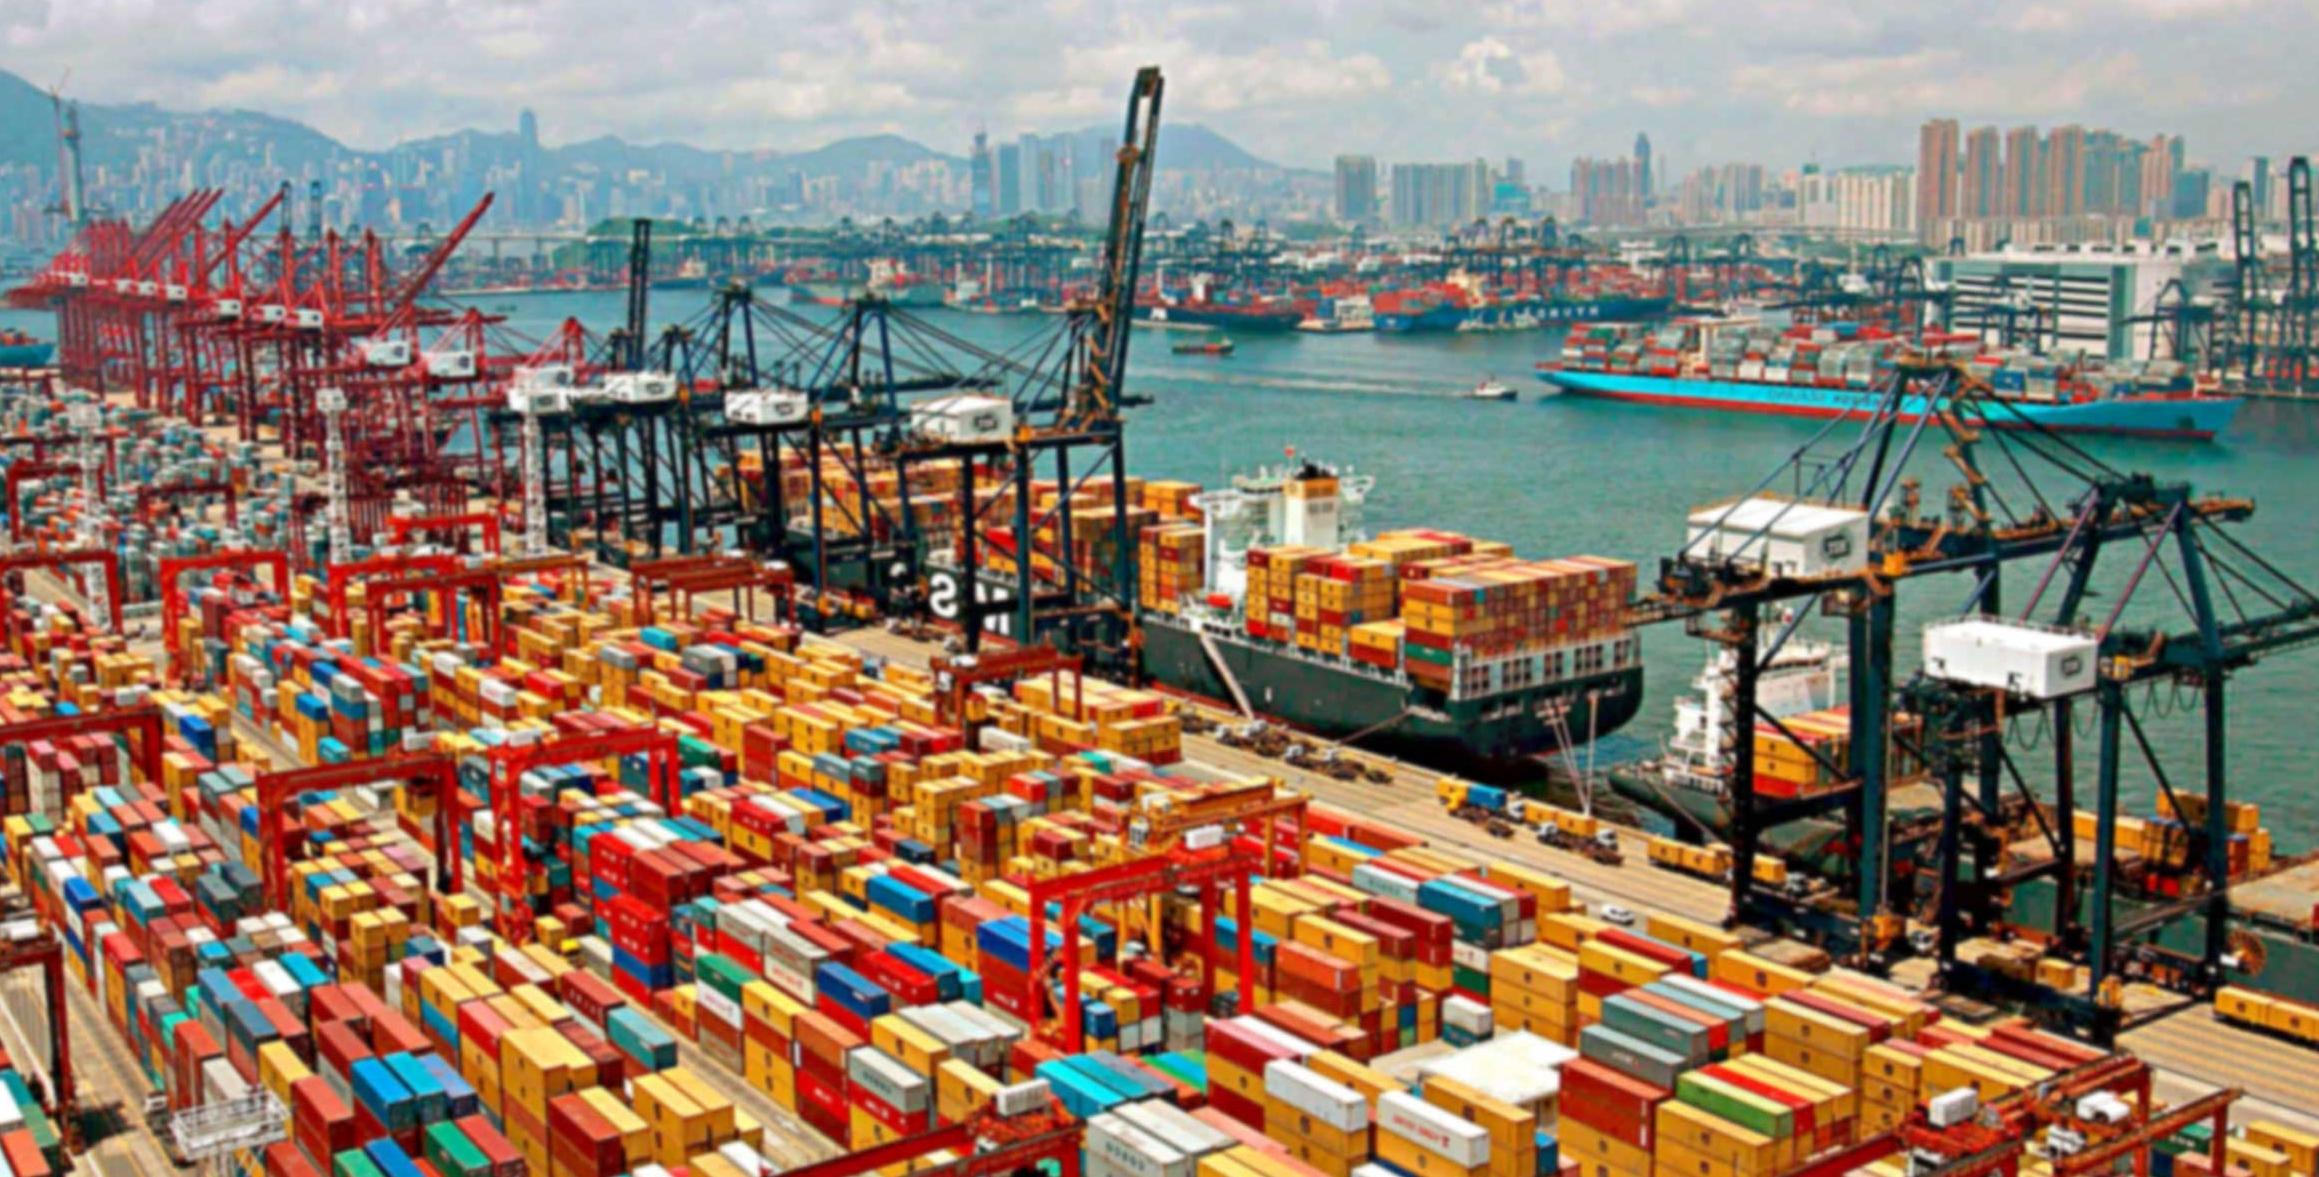 Port Economy